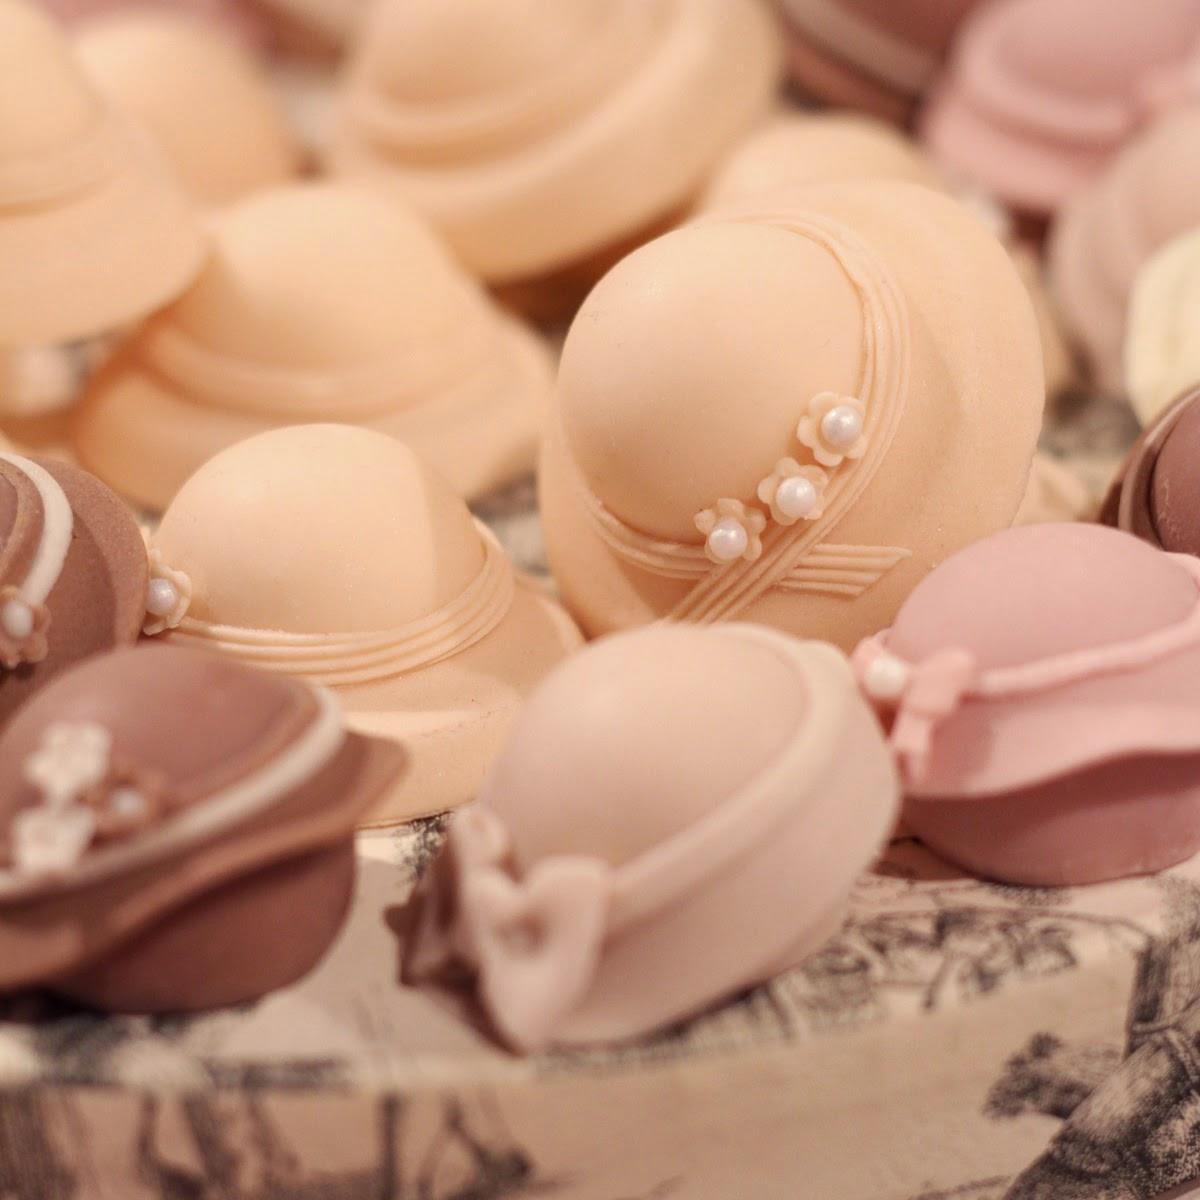 Louzieh_Doces_Casar_2014_Chapéus_Chocolate